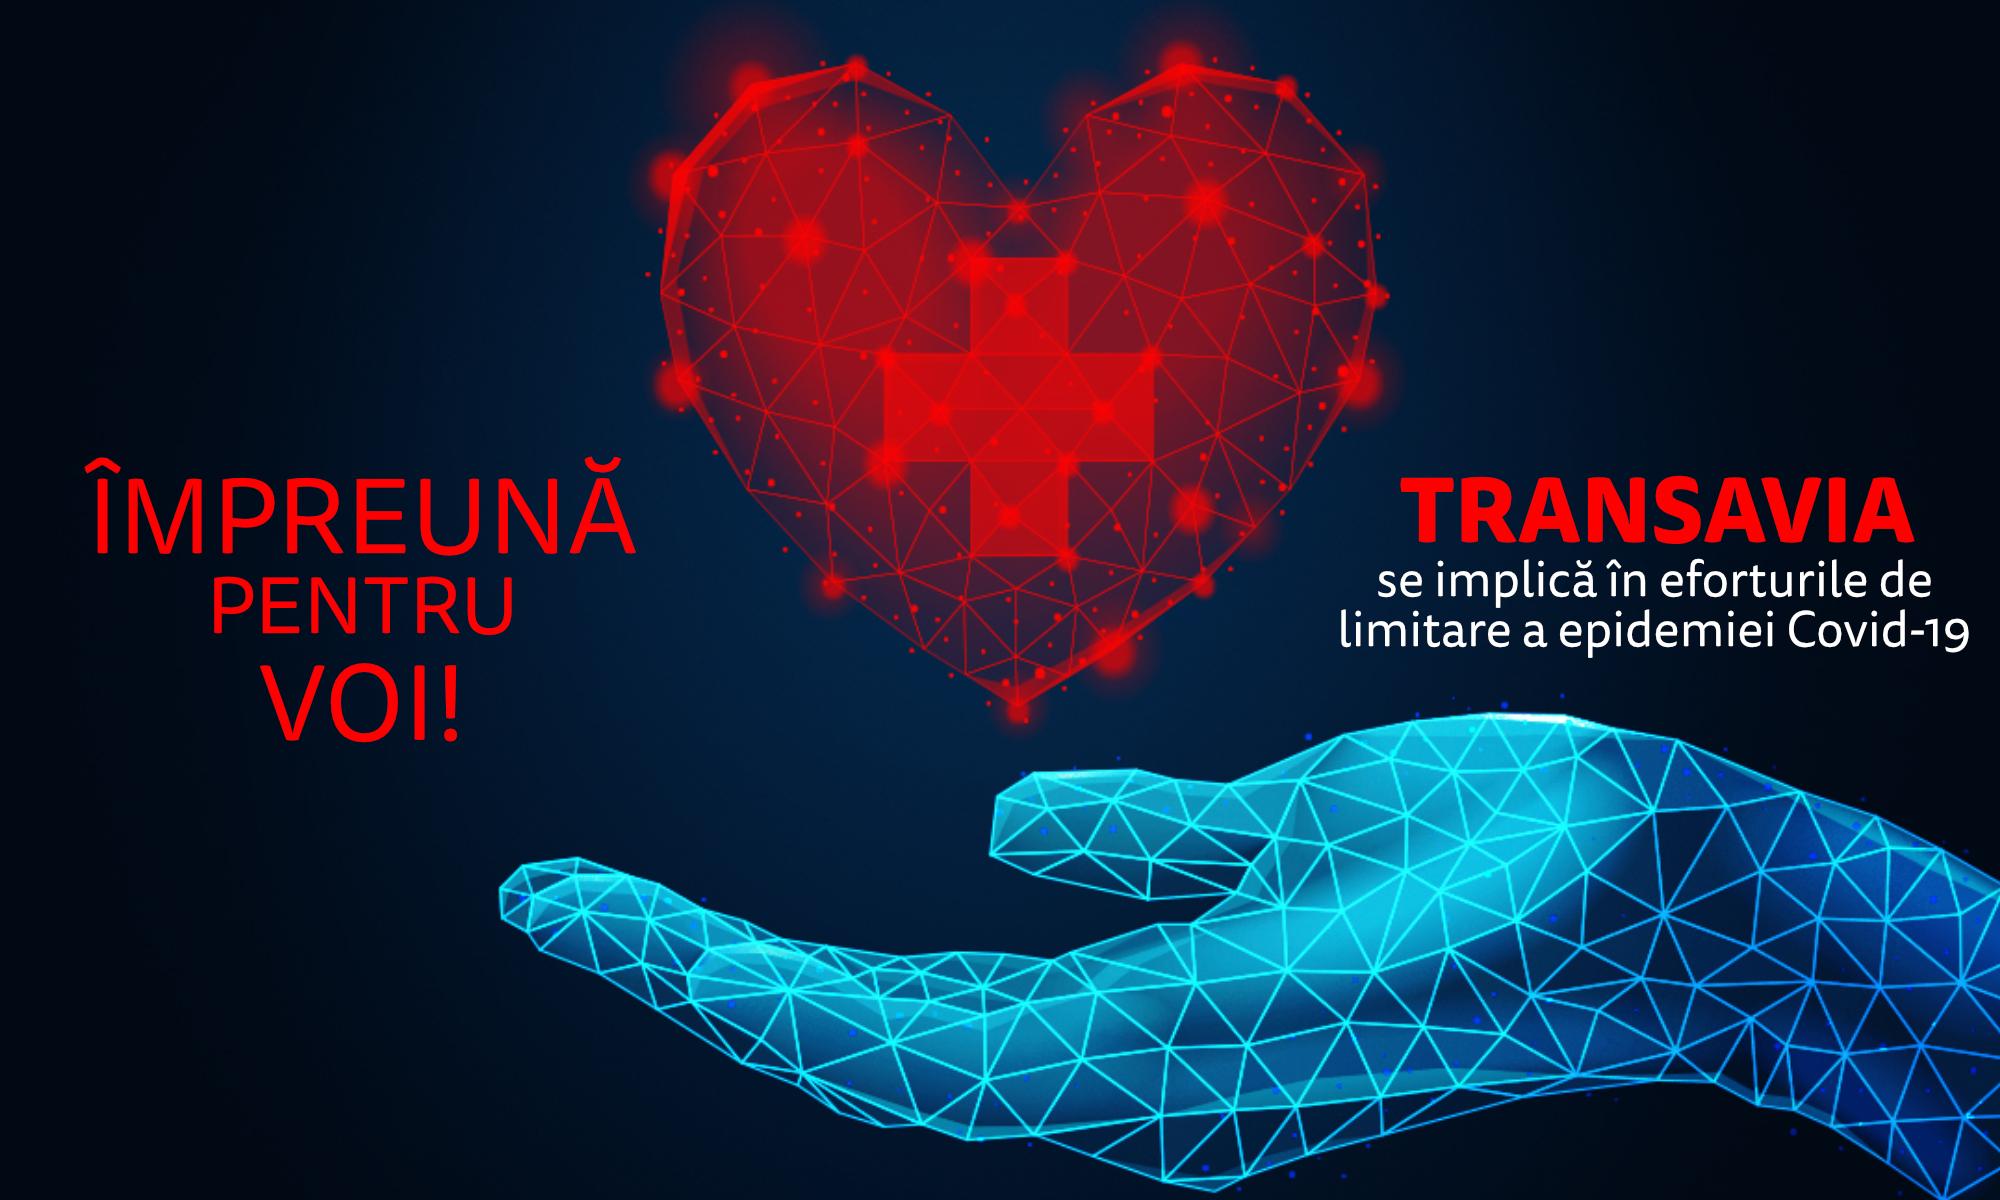 Impreuna pentru voi! Transavia se implica in eforturile de limitare a epidemiei Covid 19!